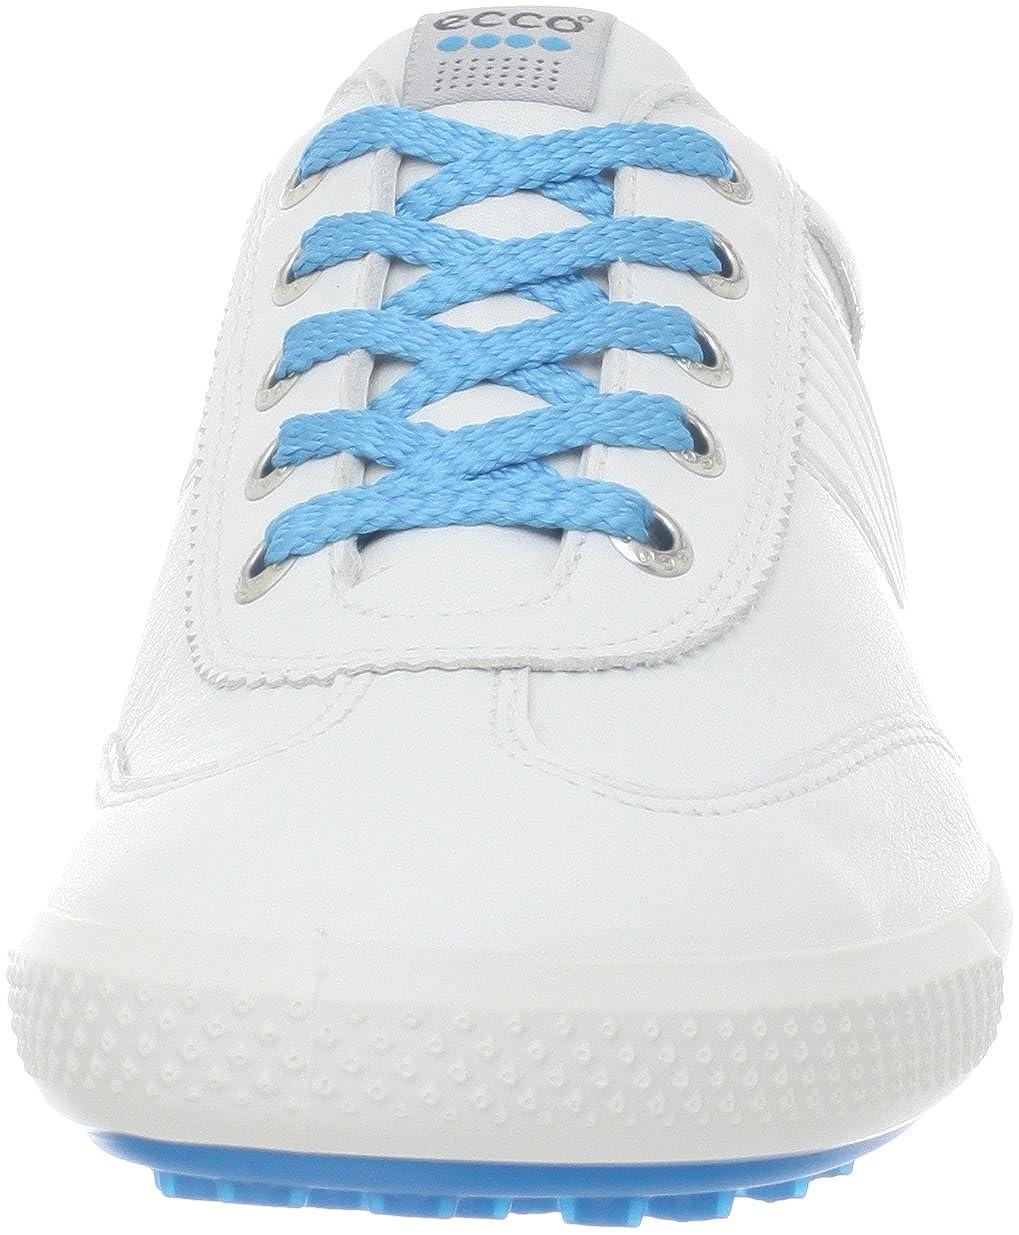 ECCO, Scarpe da golf donna donna donna As Shown Bianco 330d71